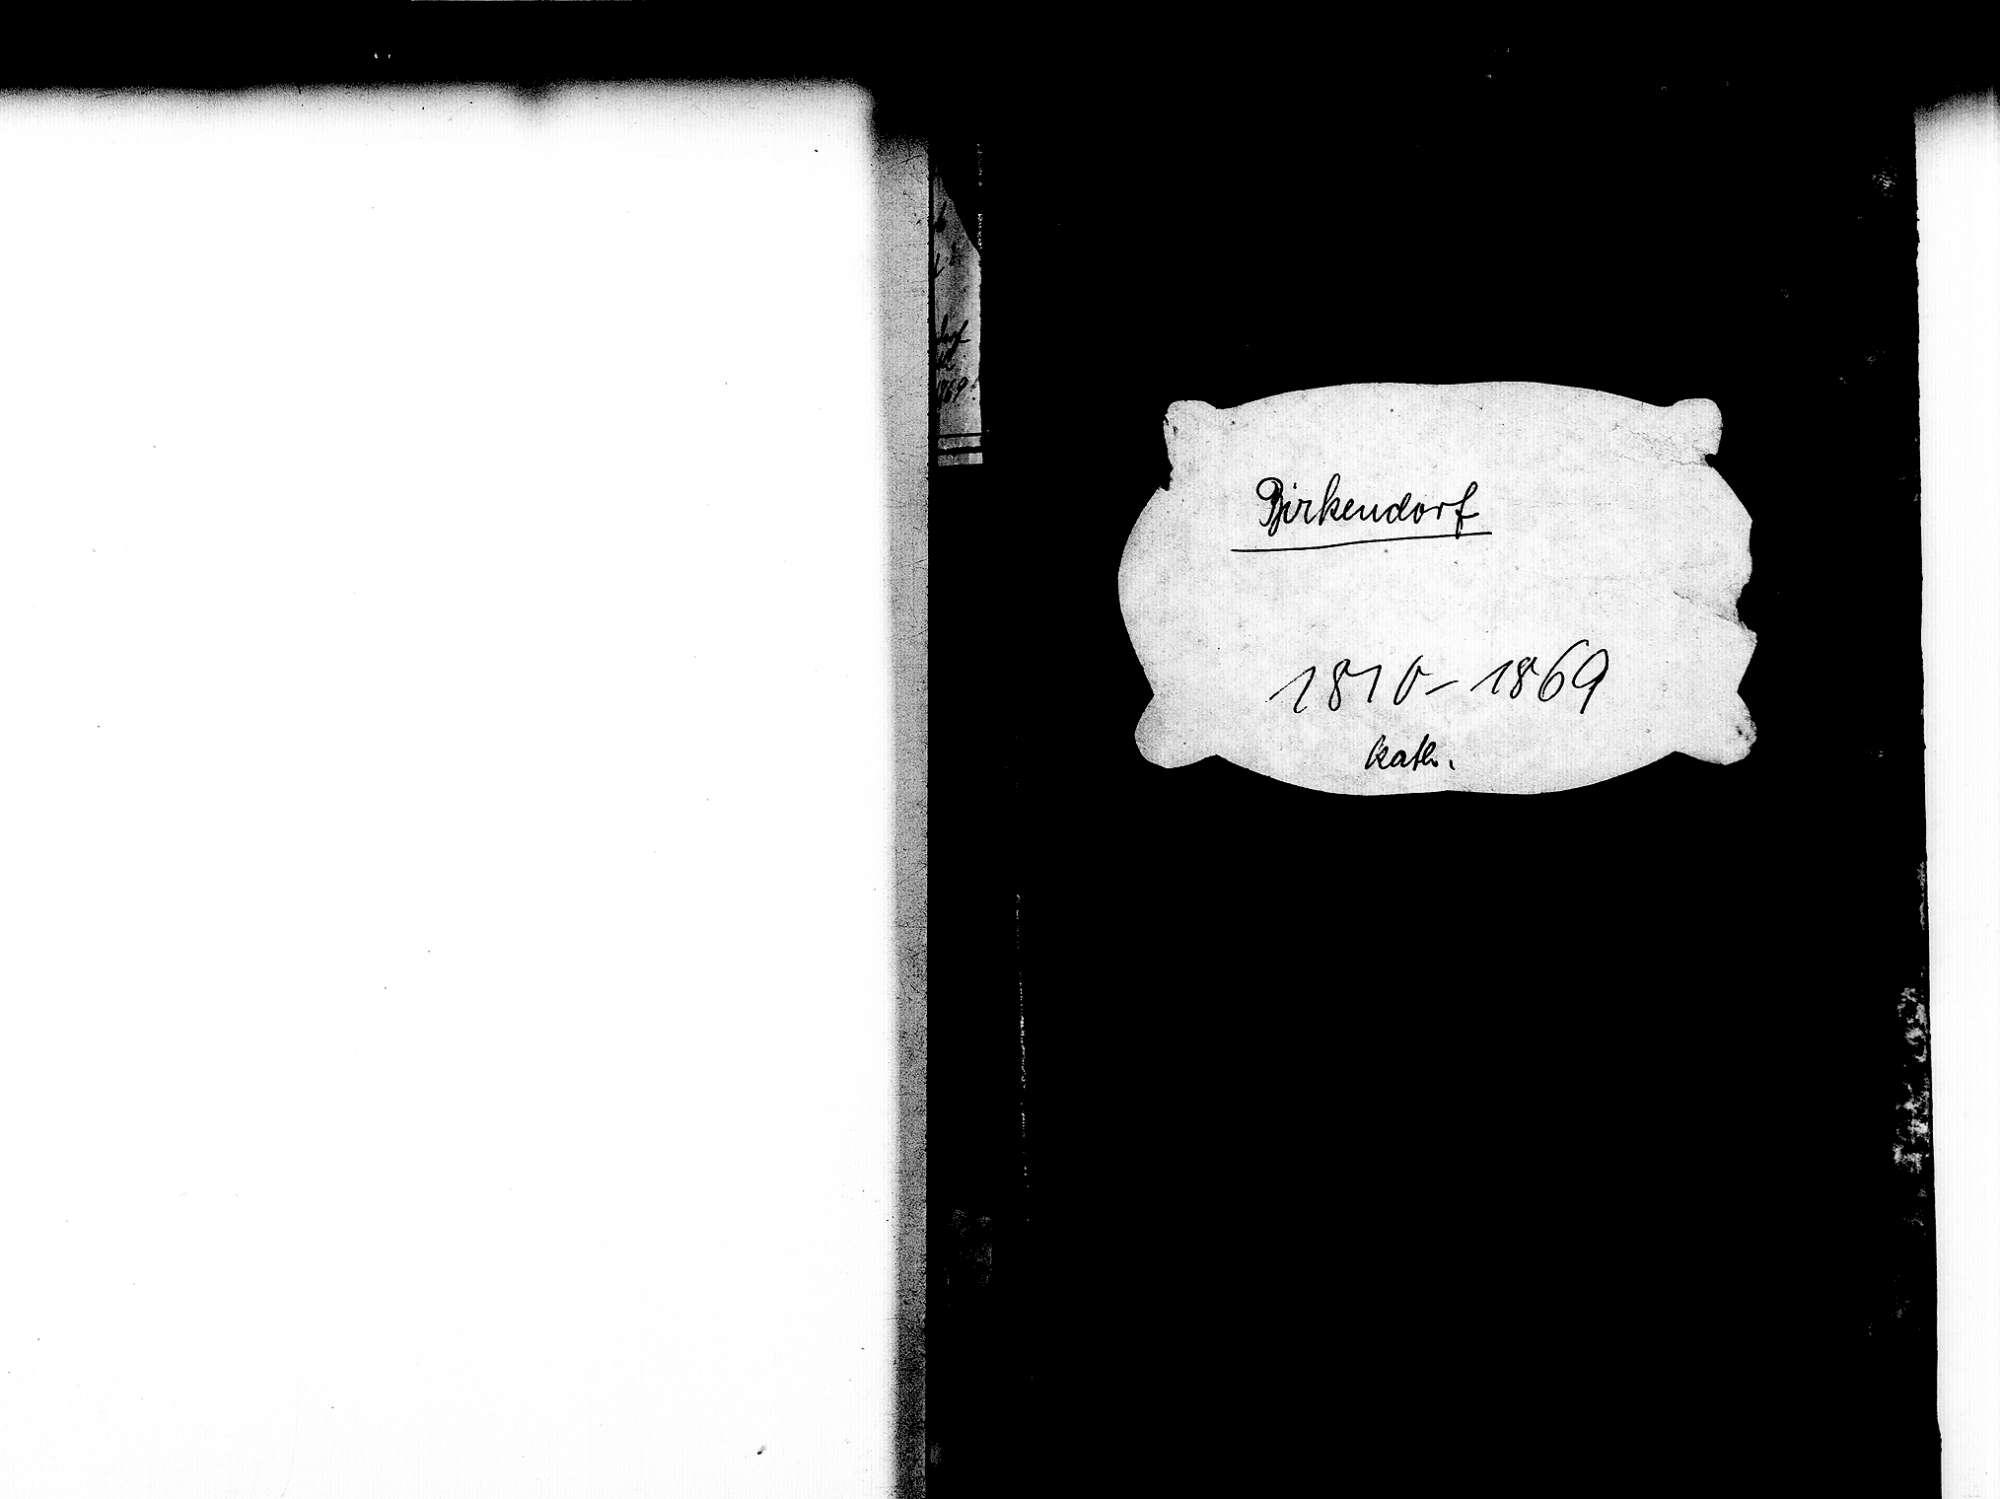 Birkendorf, Ühlingen-Birkendorf WT; Katholische Gemeinde: Geburtenbuch 1810-1869, Bild 2